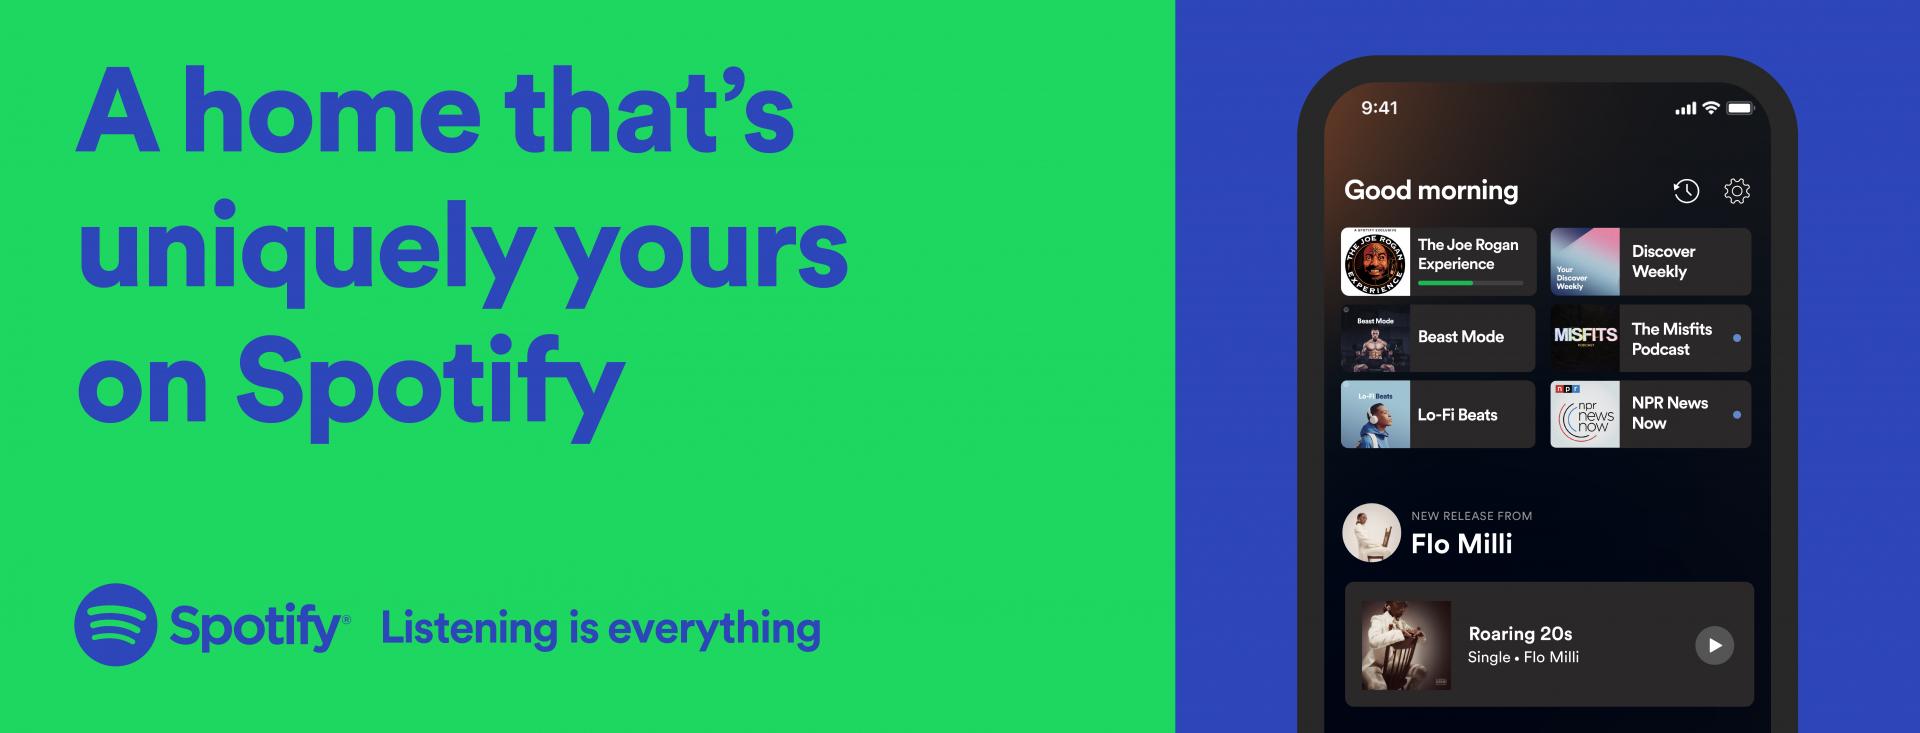 Spotify zmiany w interfejsie na 2021 roku - fot. Spotify